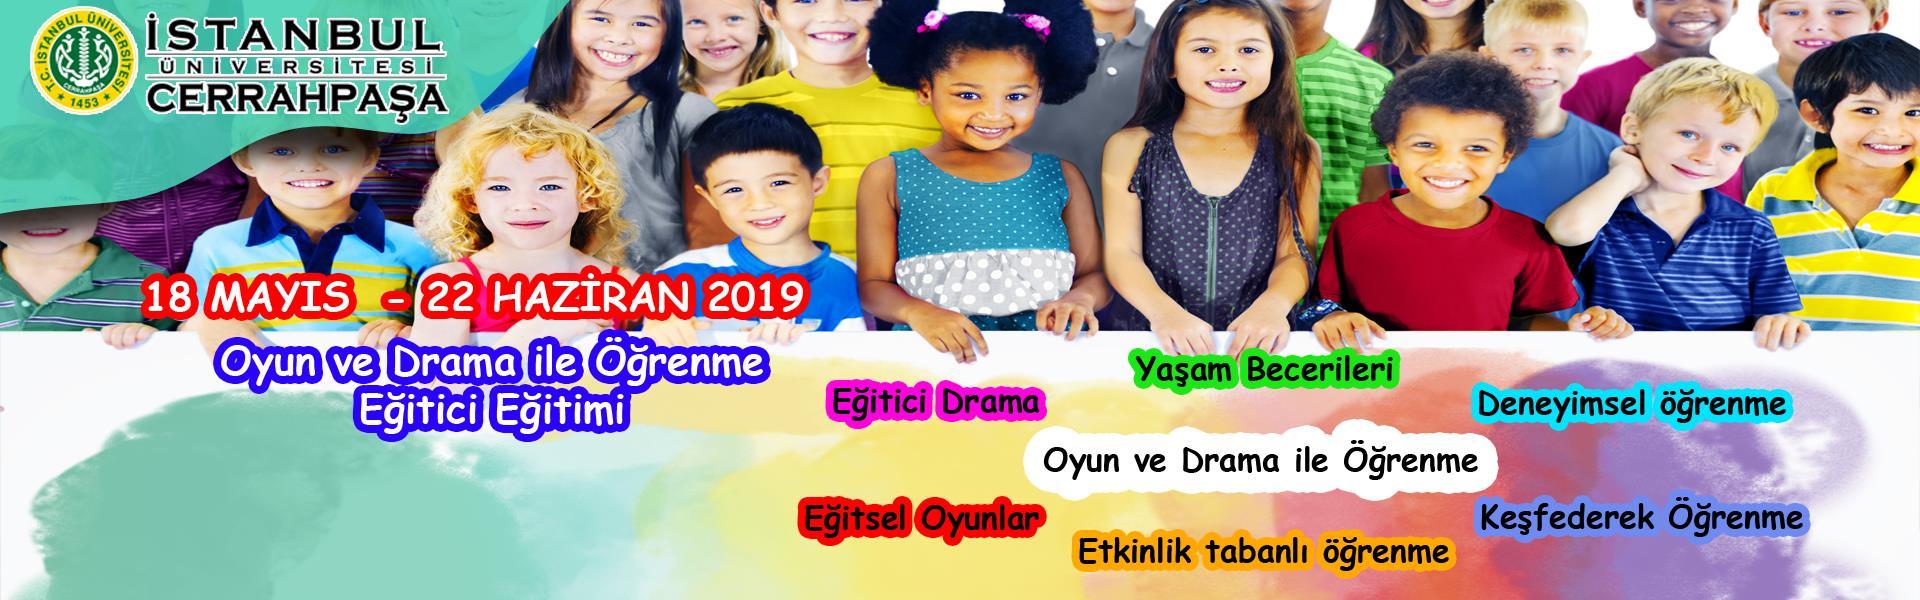 Oyun-ve-Drama-ile-Öğrenme Eğitici-Eğitimi çocuk-eğitimi eğitim çocuk oyun